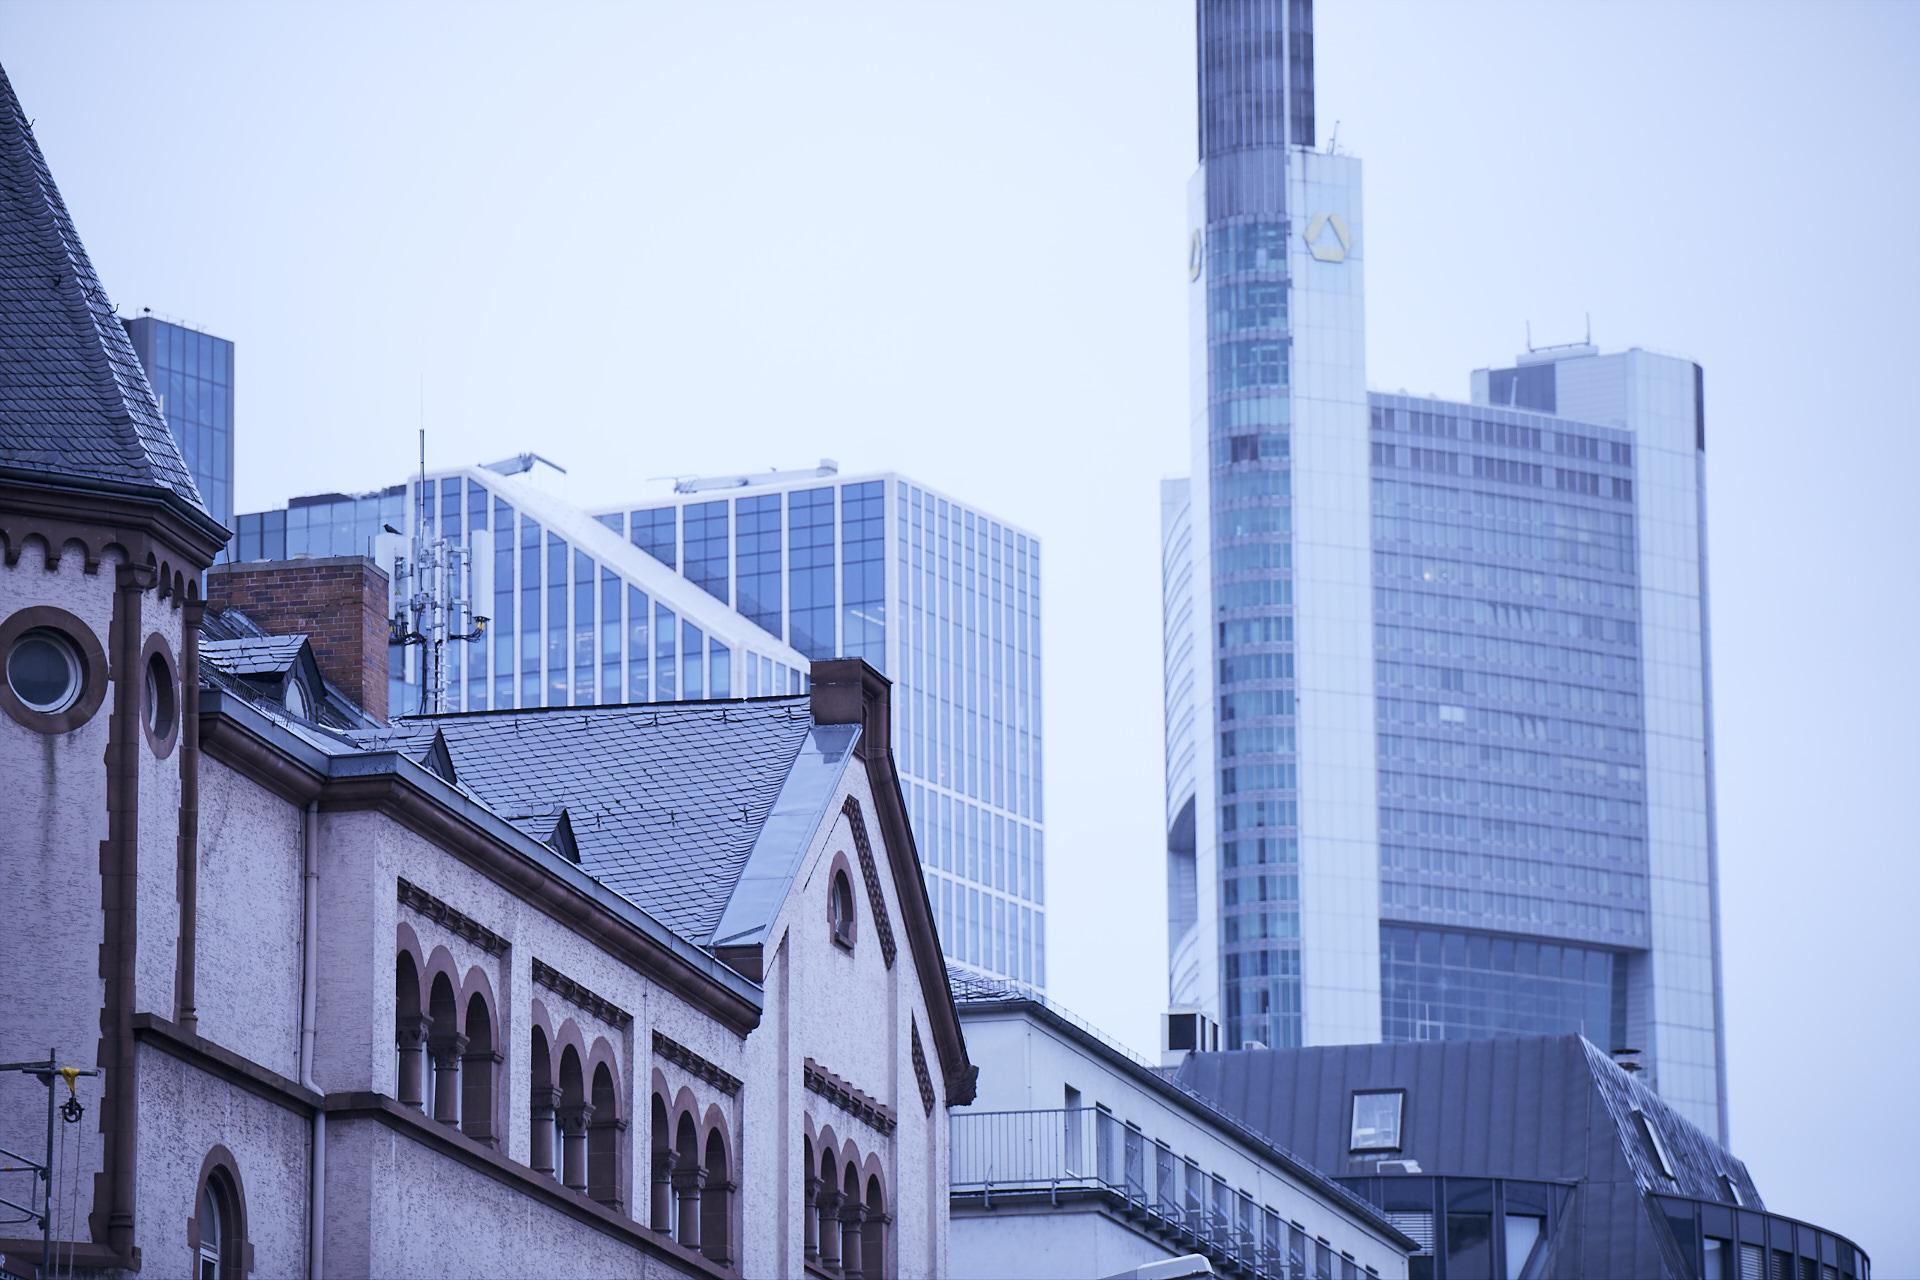 Blick auf das Bankenviertel in Frankfurt